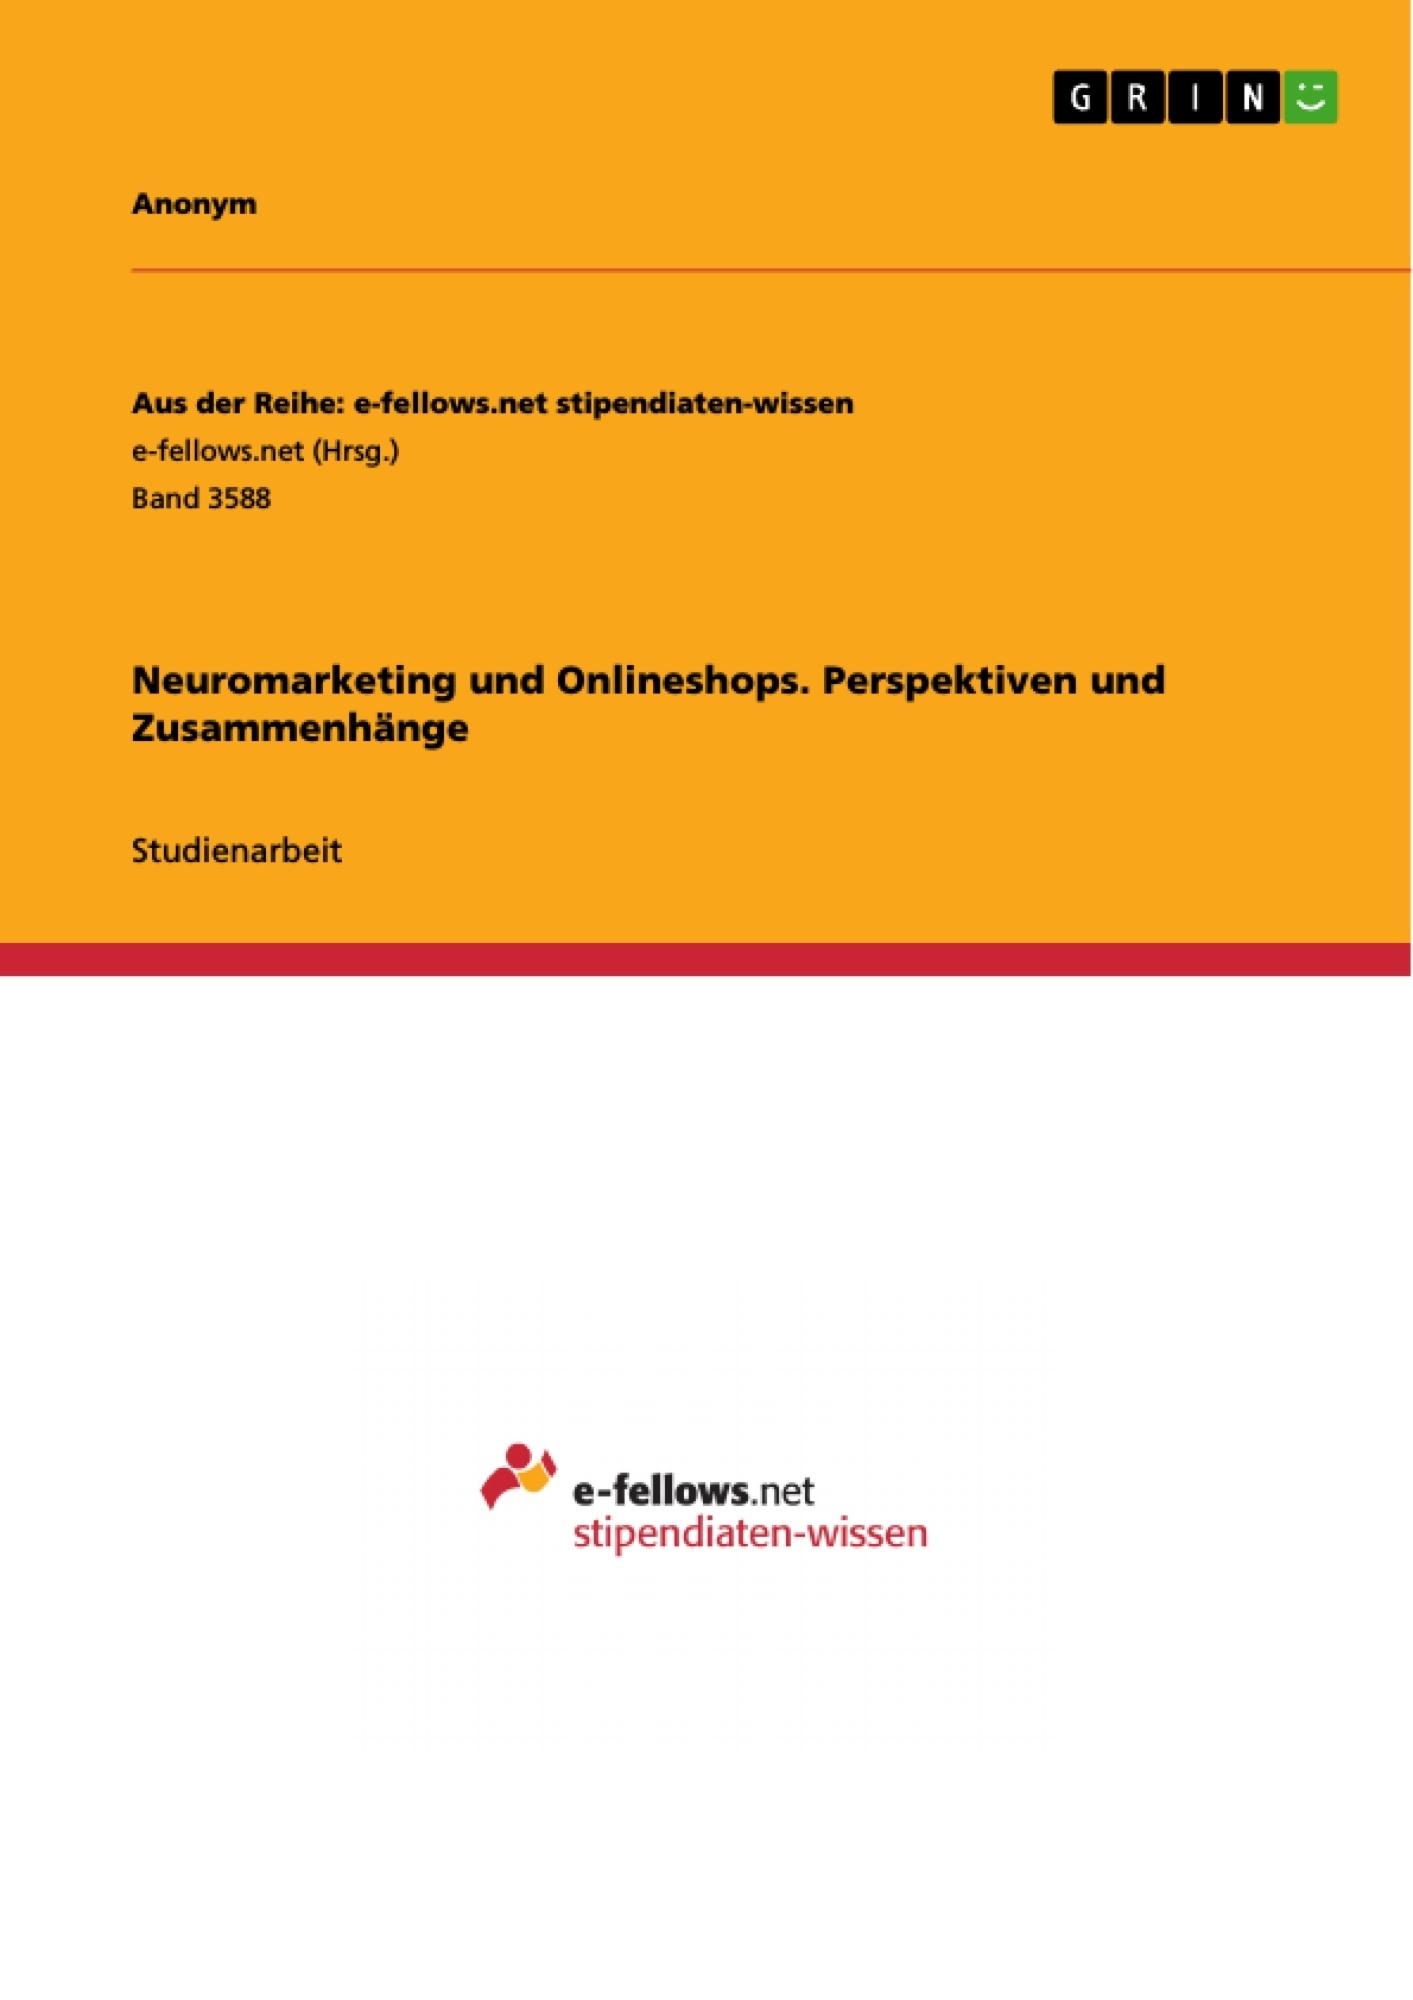 Titel: Neuromarketing und Onlineshops. Perspektiven und Zusammenhänge